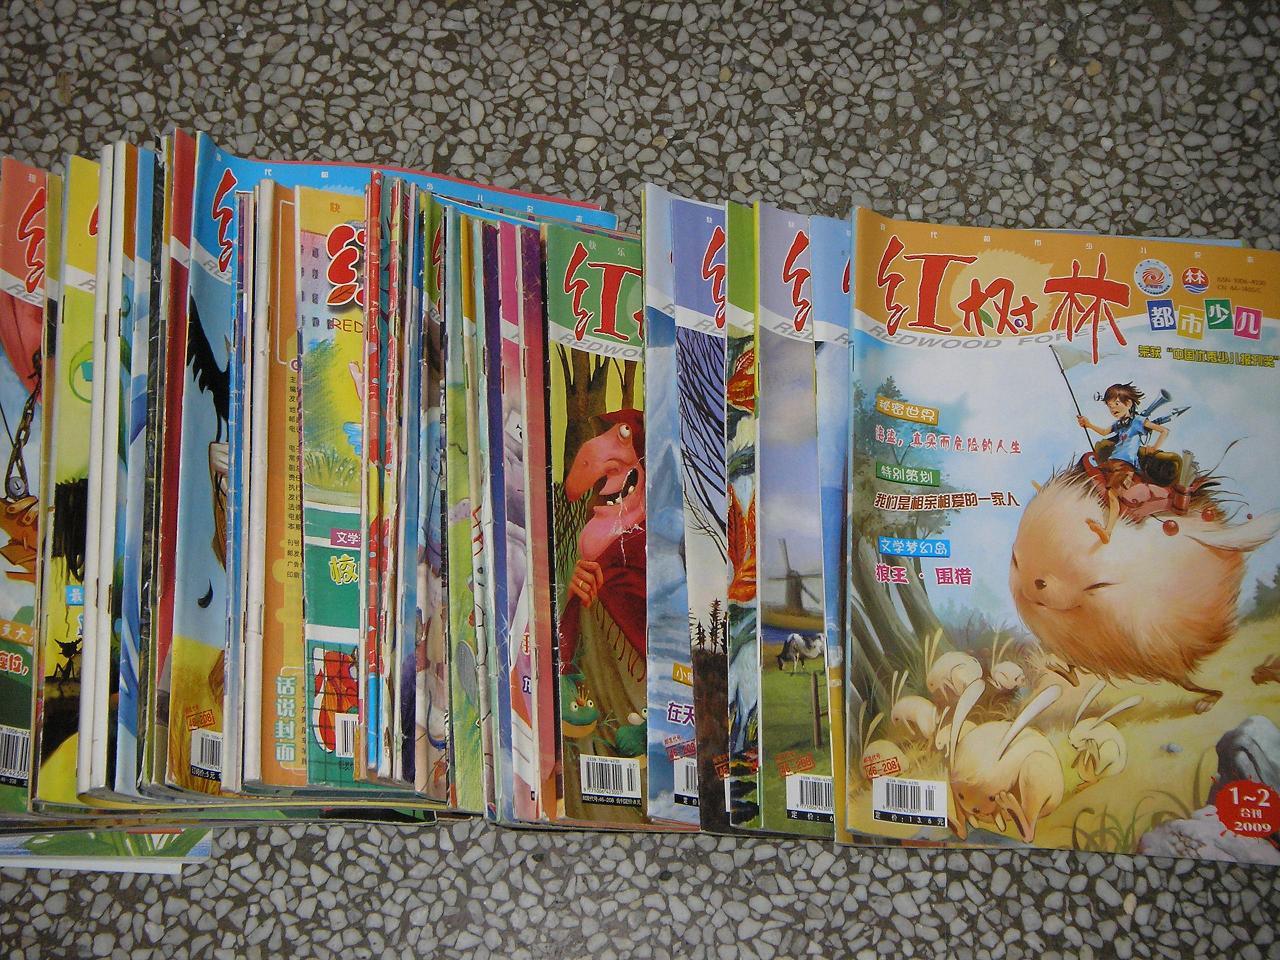 1元2元转孩子看过的米老鼠 漫画世界 红树林 特区